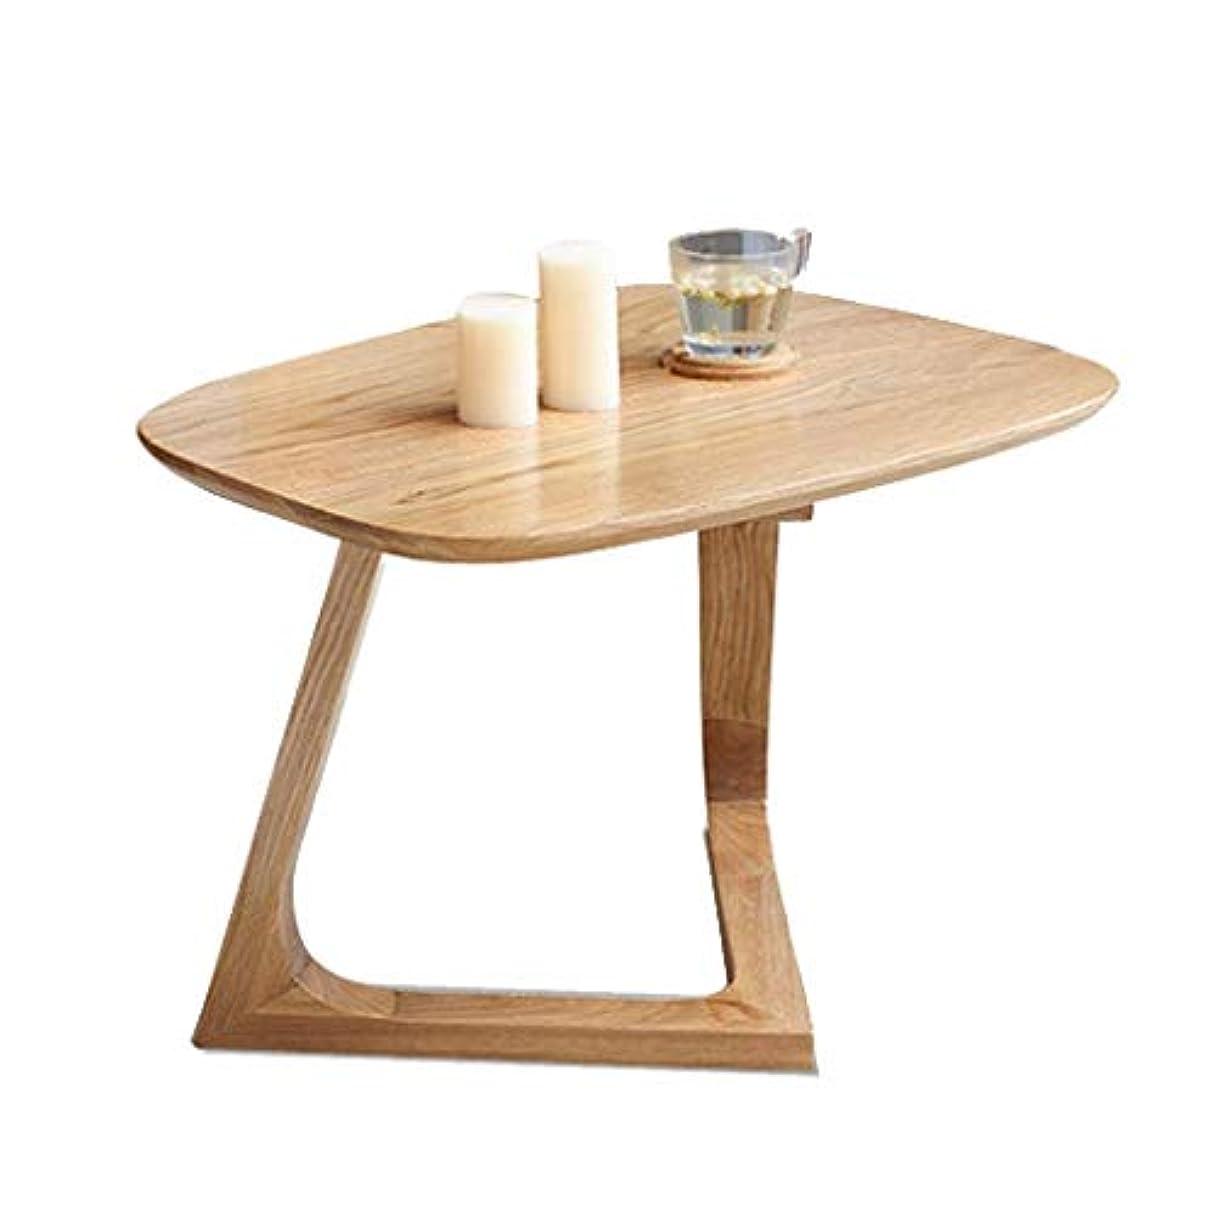 モットースカウトスツールテーブル、ポータブル小テーブル、寝室のリビングルームのオフィスなどに適しています、デスク、ダイニングテーブル、コンピュータデスク、小さなコーヒーテーブル